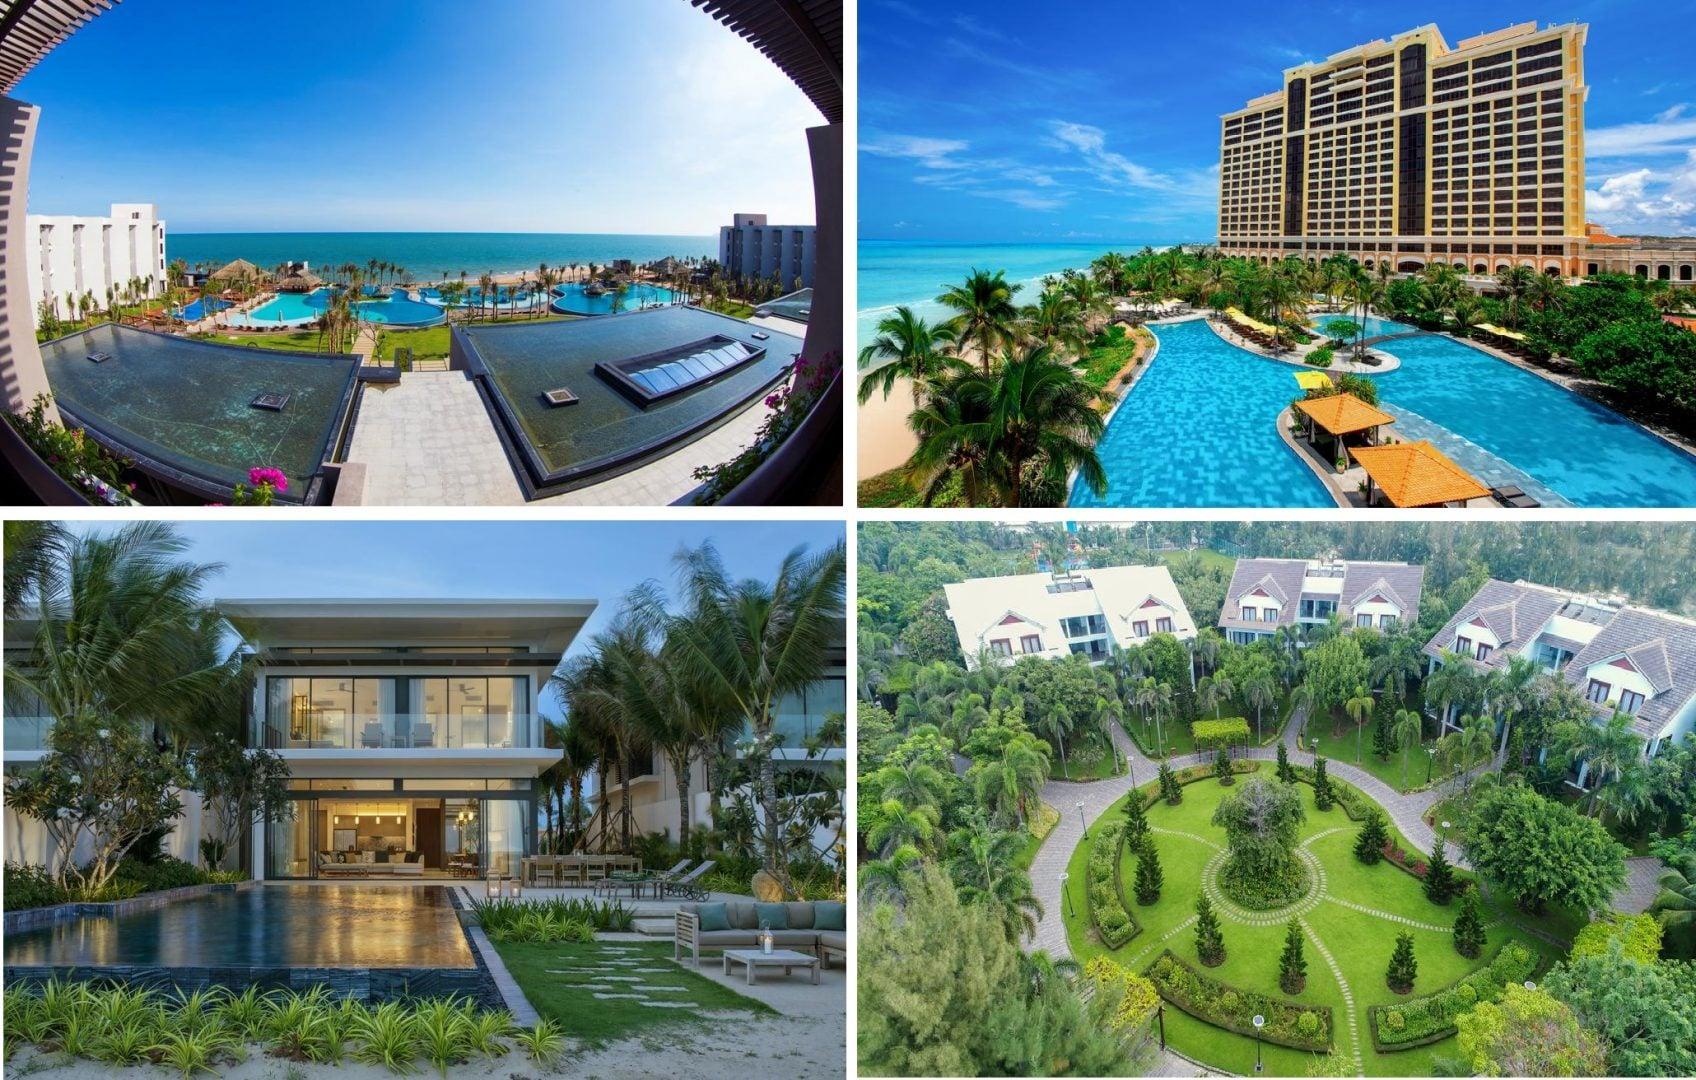 Giá cho thuê các Resort tại Hồ Tràm 1